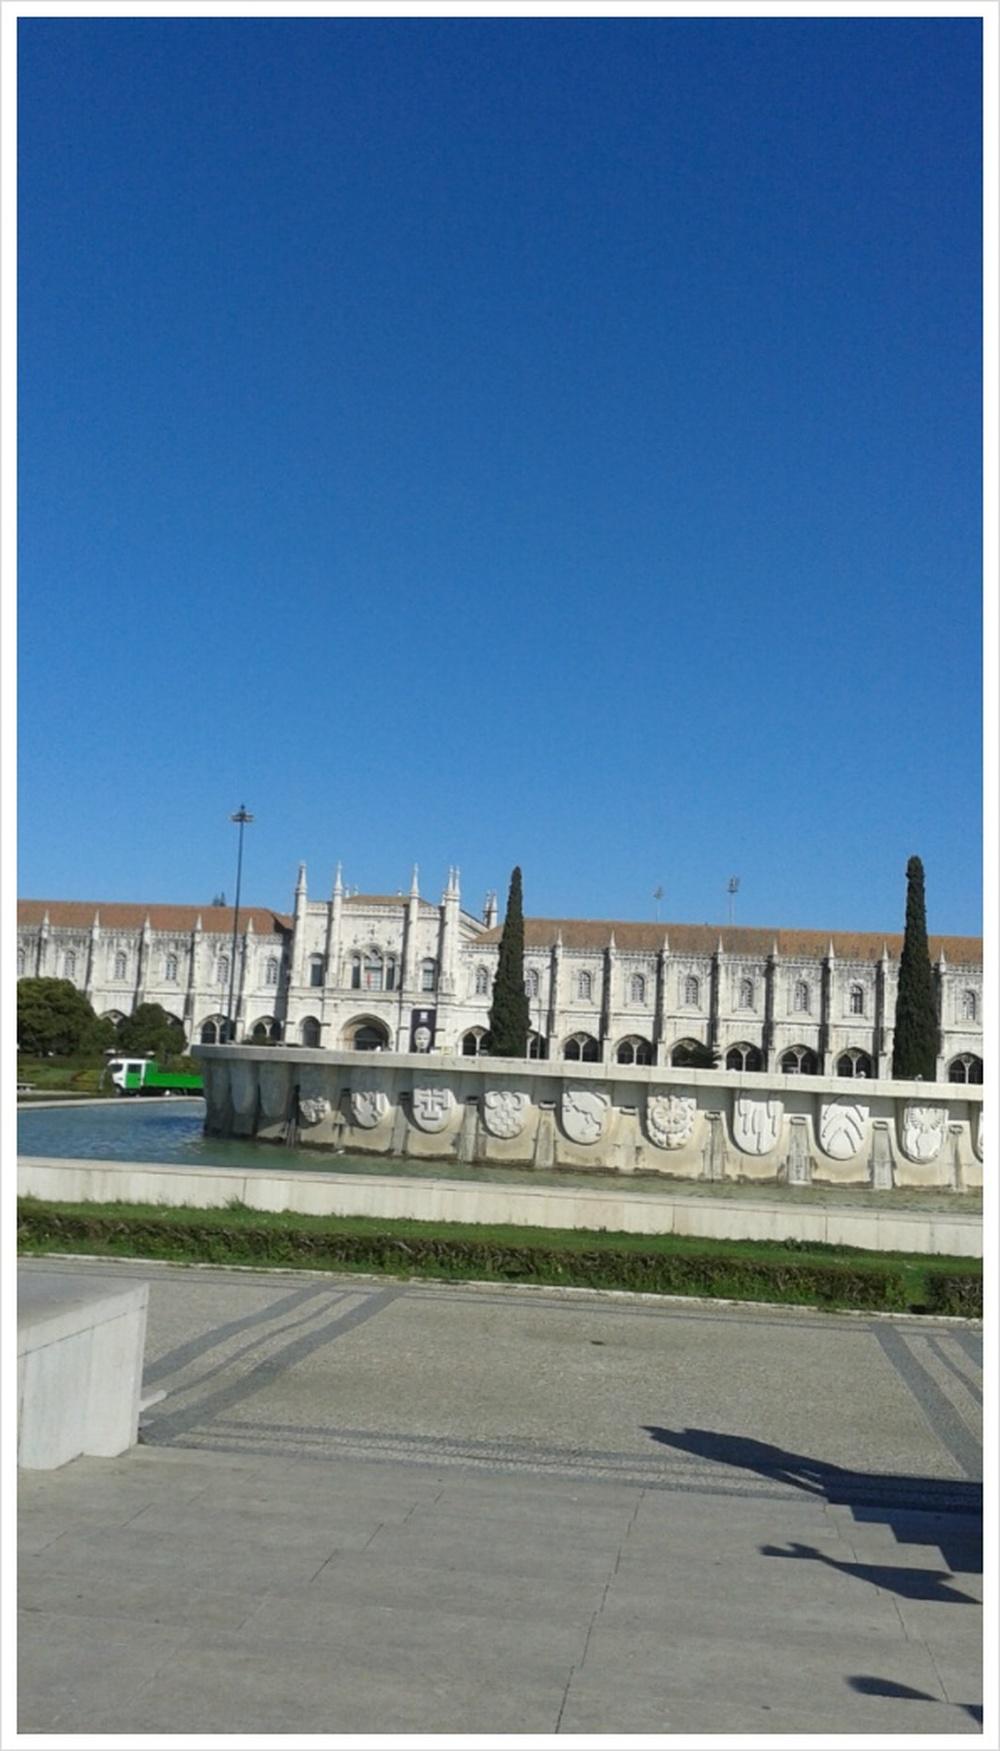 리스본 제로니모스 수도원